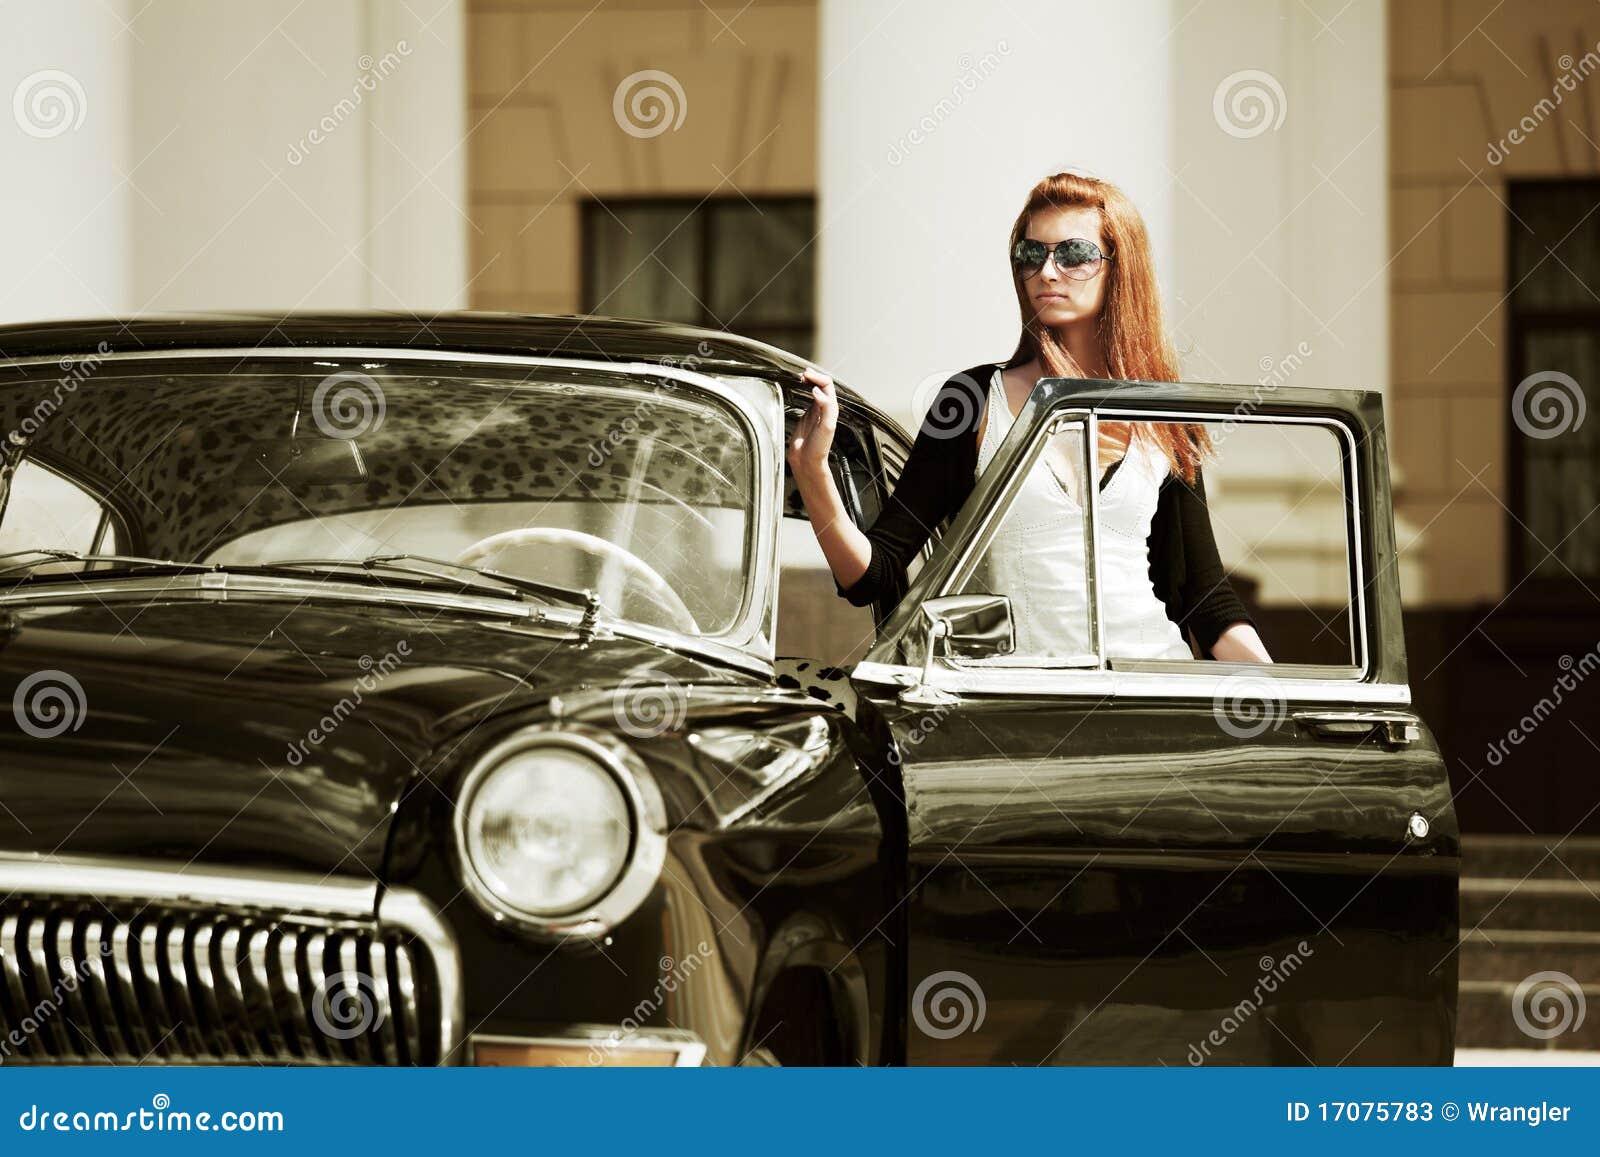 Junge Frau mit einem Retro- Auto.